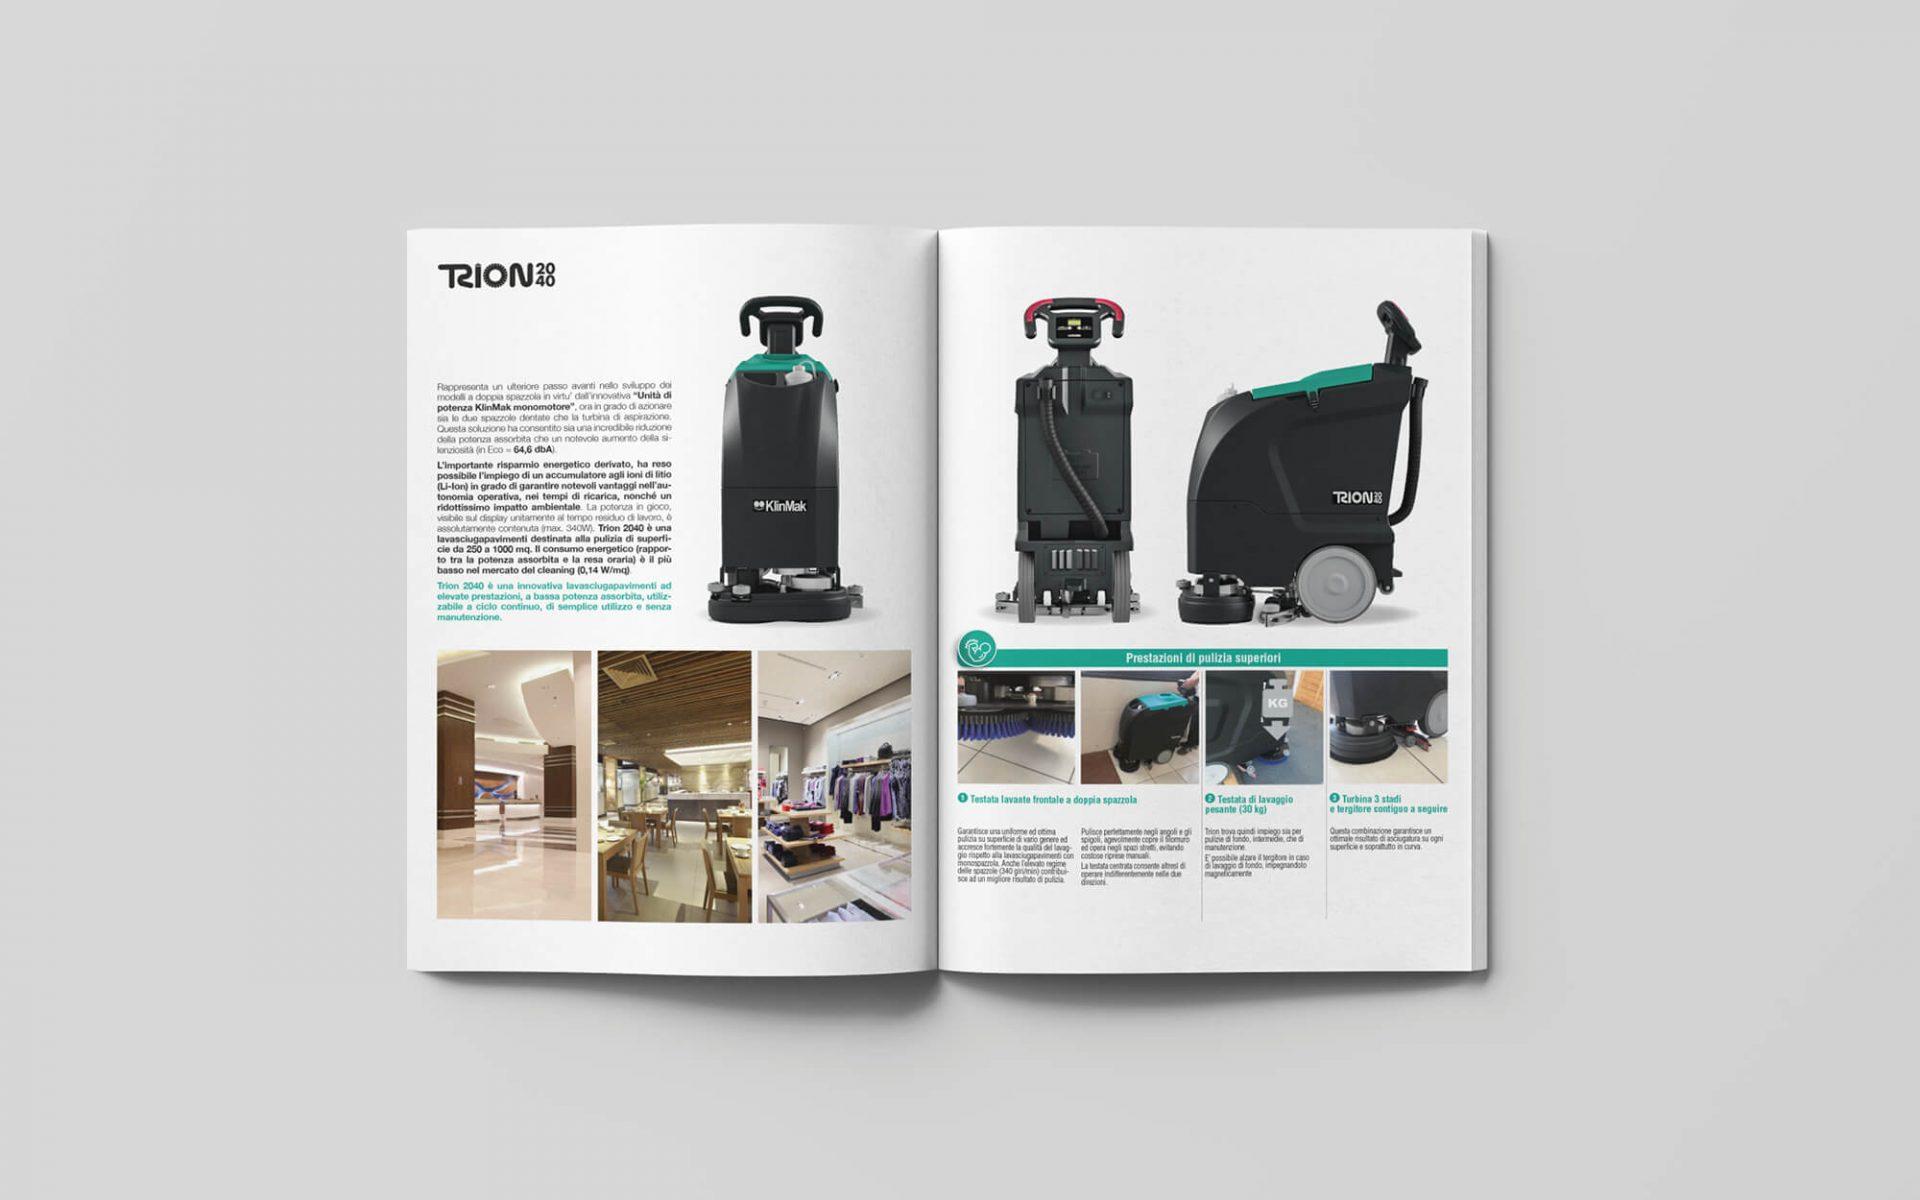 dettaglio pagine interne catalogo prodotti pulizia progetto grafico della agenzia di pubblicità diade studio arco di trento